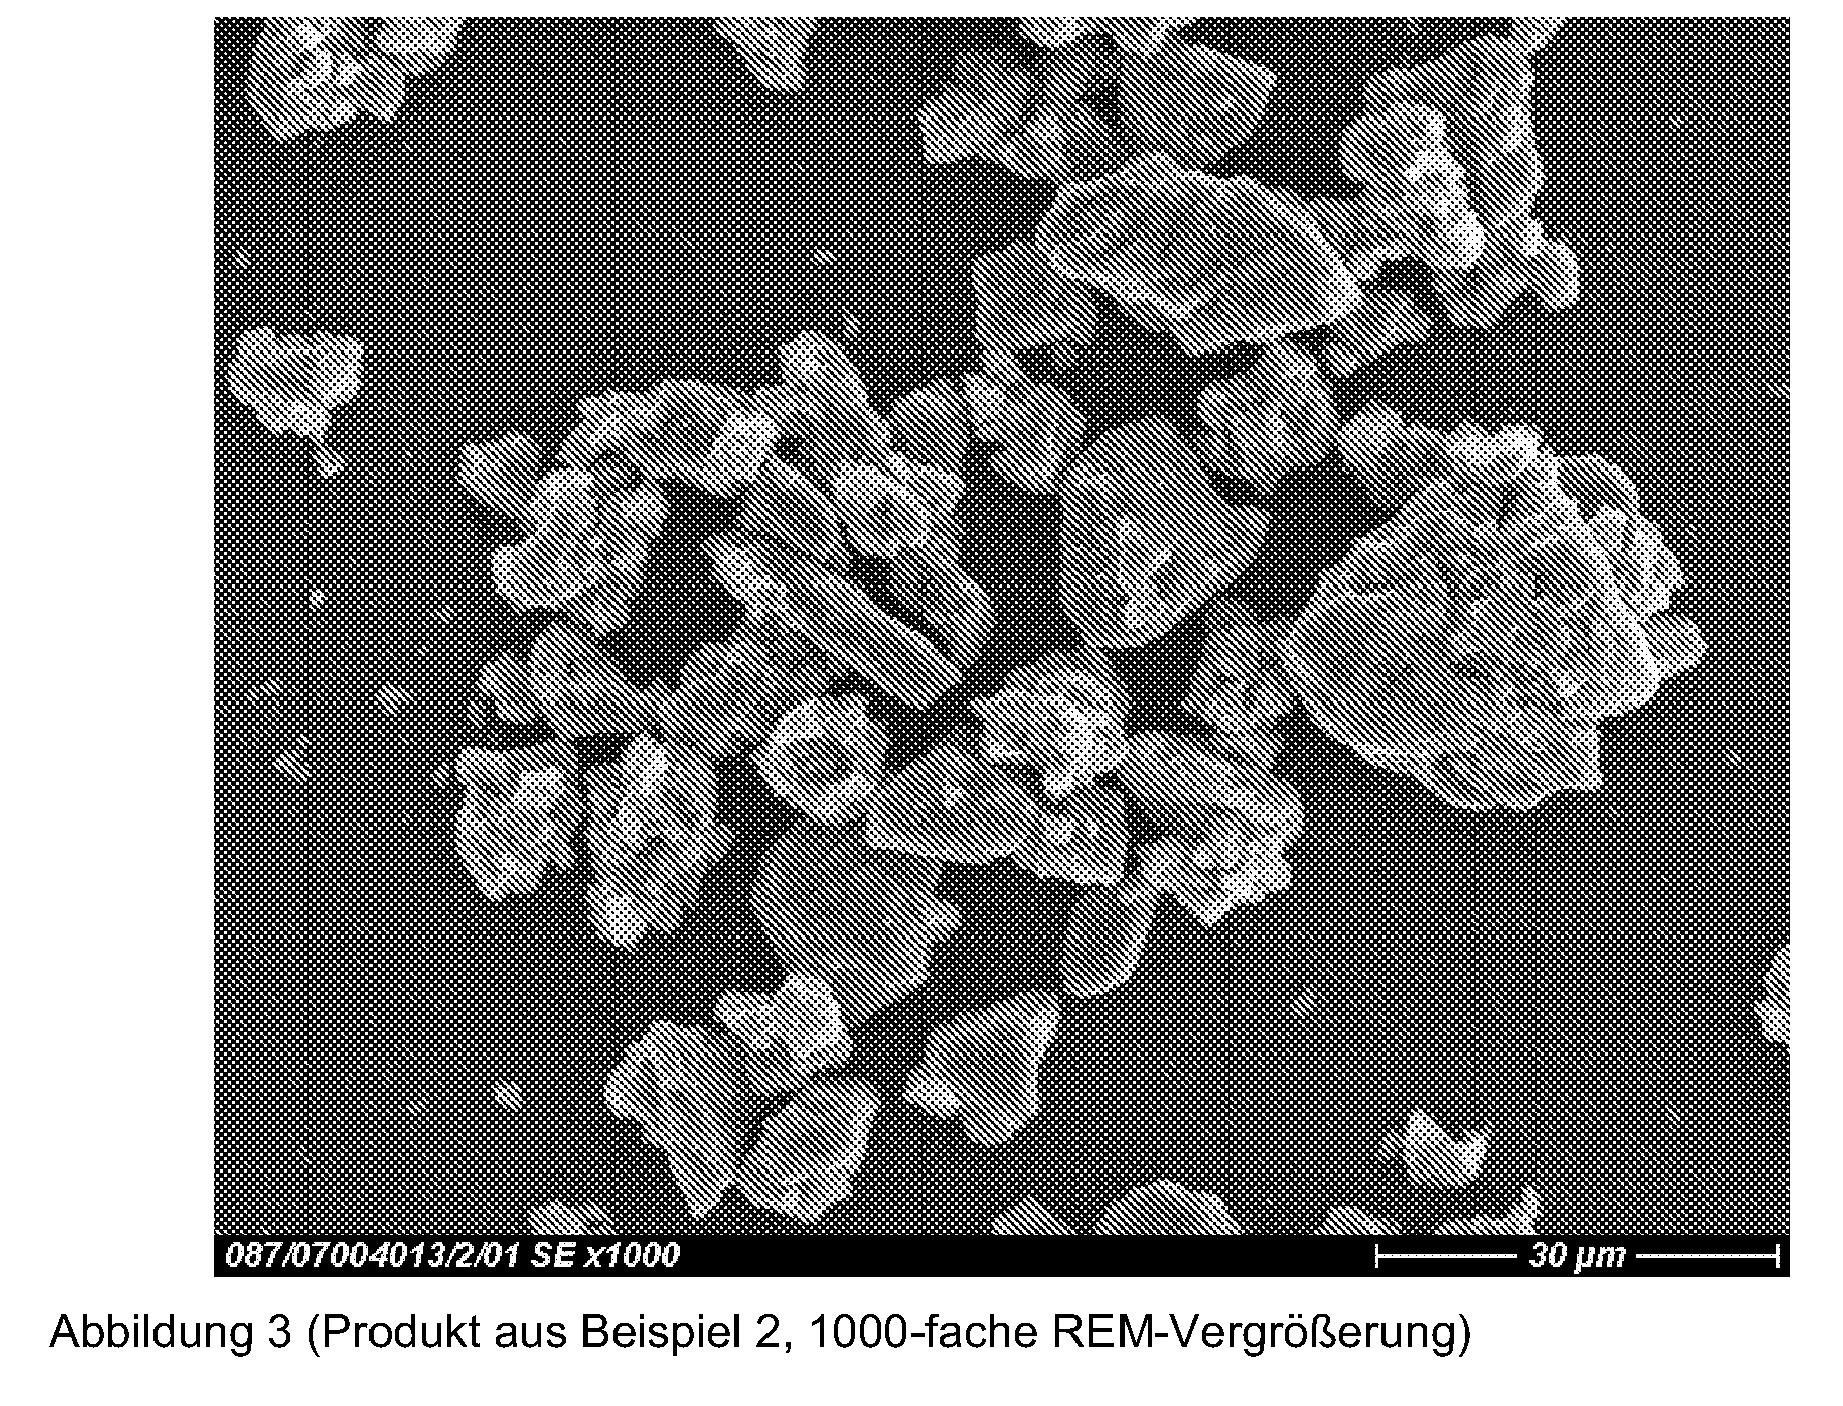 Ep2000502a1 Composite Particles Google Patents